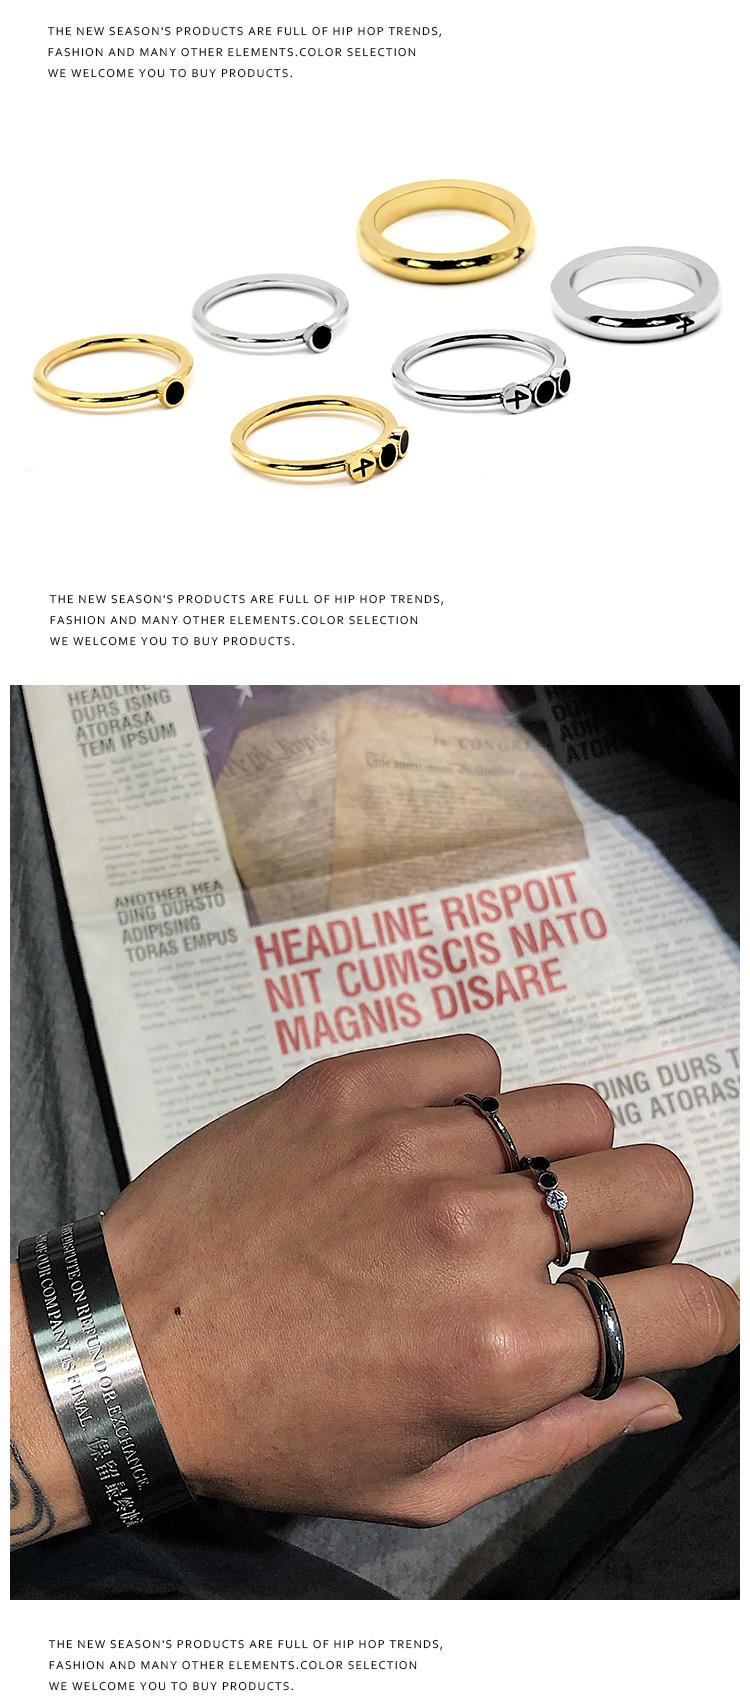 戒指 韓風CHIC簡約三件套戒指ins學生百搭關節戒潮人男女組合套裝指環 時尚搬運工